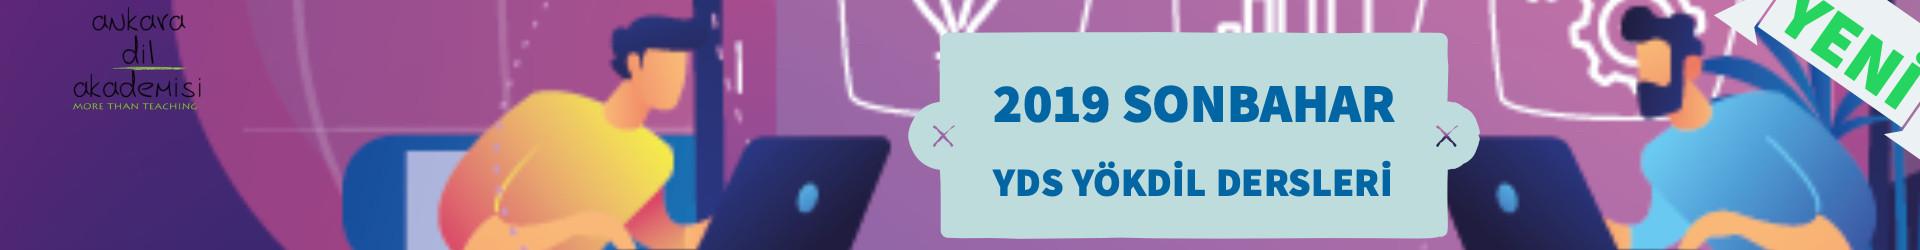 2019 Sonbahar YDS YÖKDİL Dersleri Erken İndirim Kampanyası